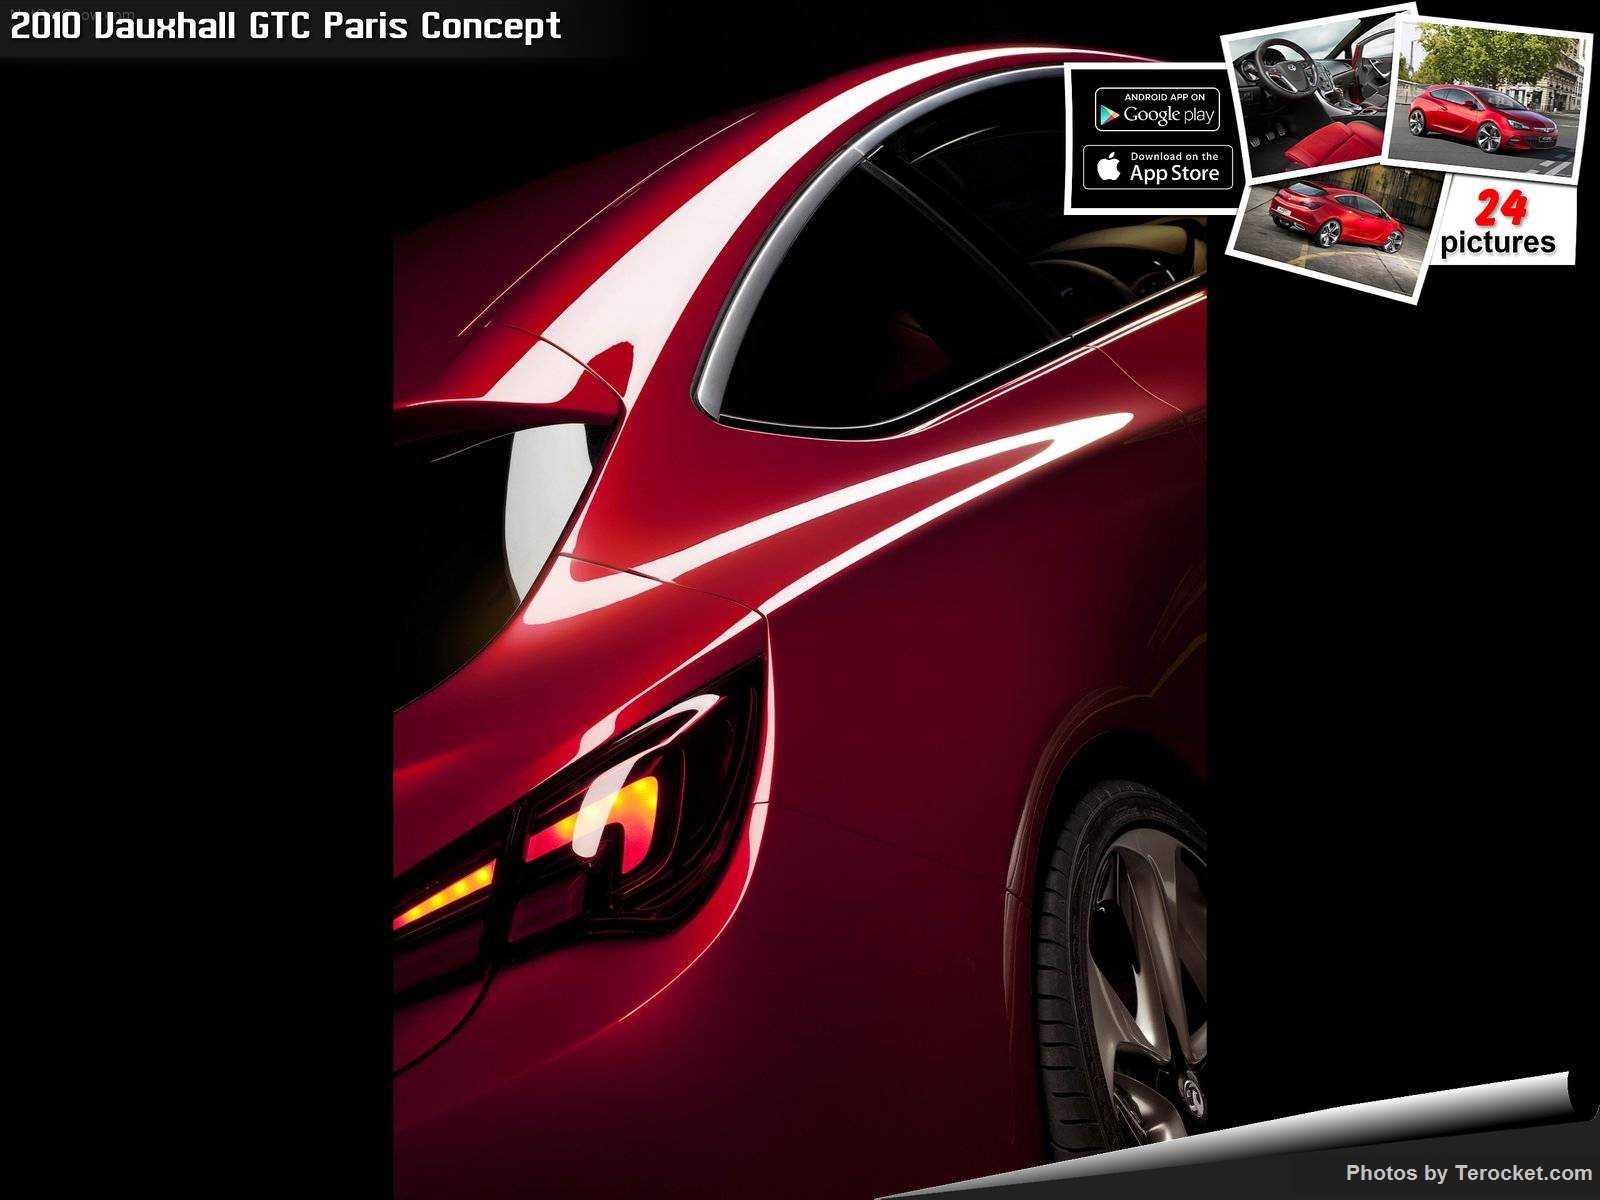 Hình ảnh xe ô tô Vauxhall GTC Paris Concept 2010 & nội ngoại thất